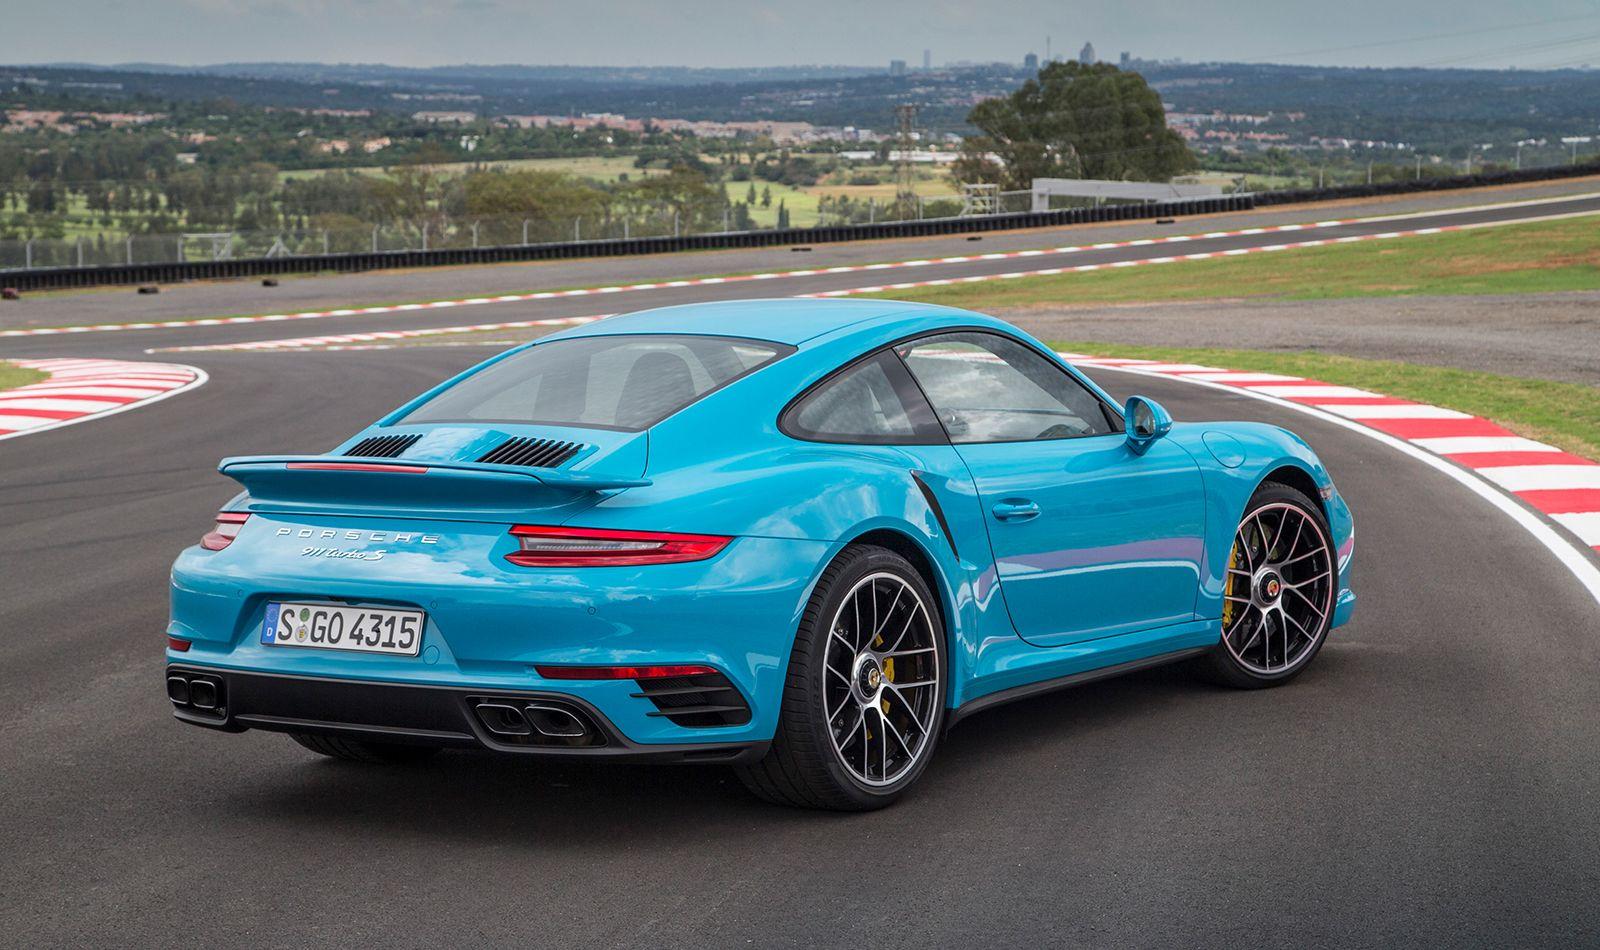 Porsche 911 991.2 miamiblau auf Rennstrecke stehend Heckansicht